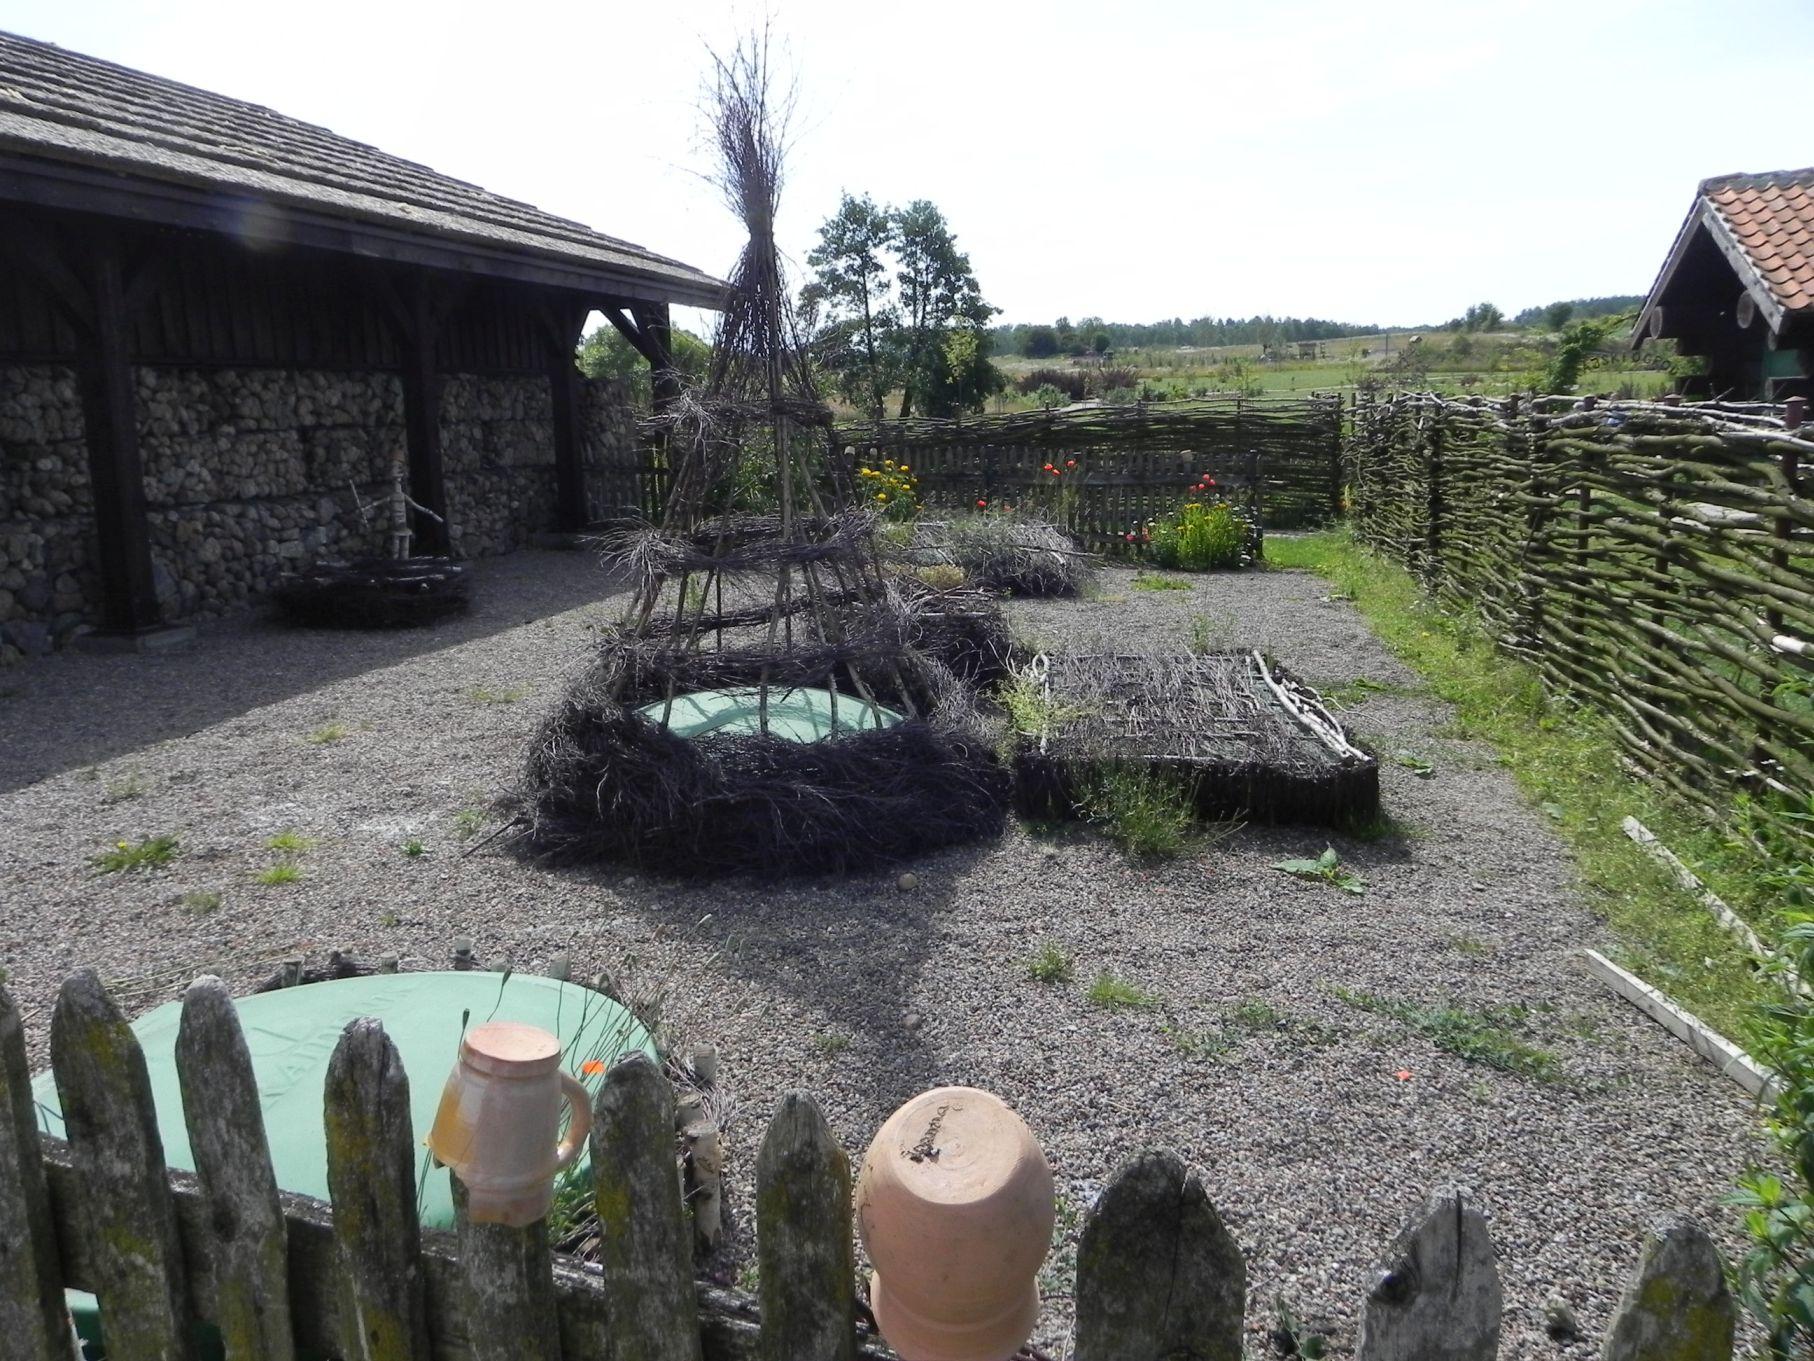 Kamionka - wioski tematyczne (16)